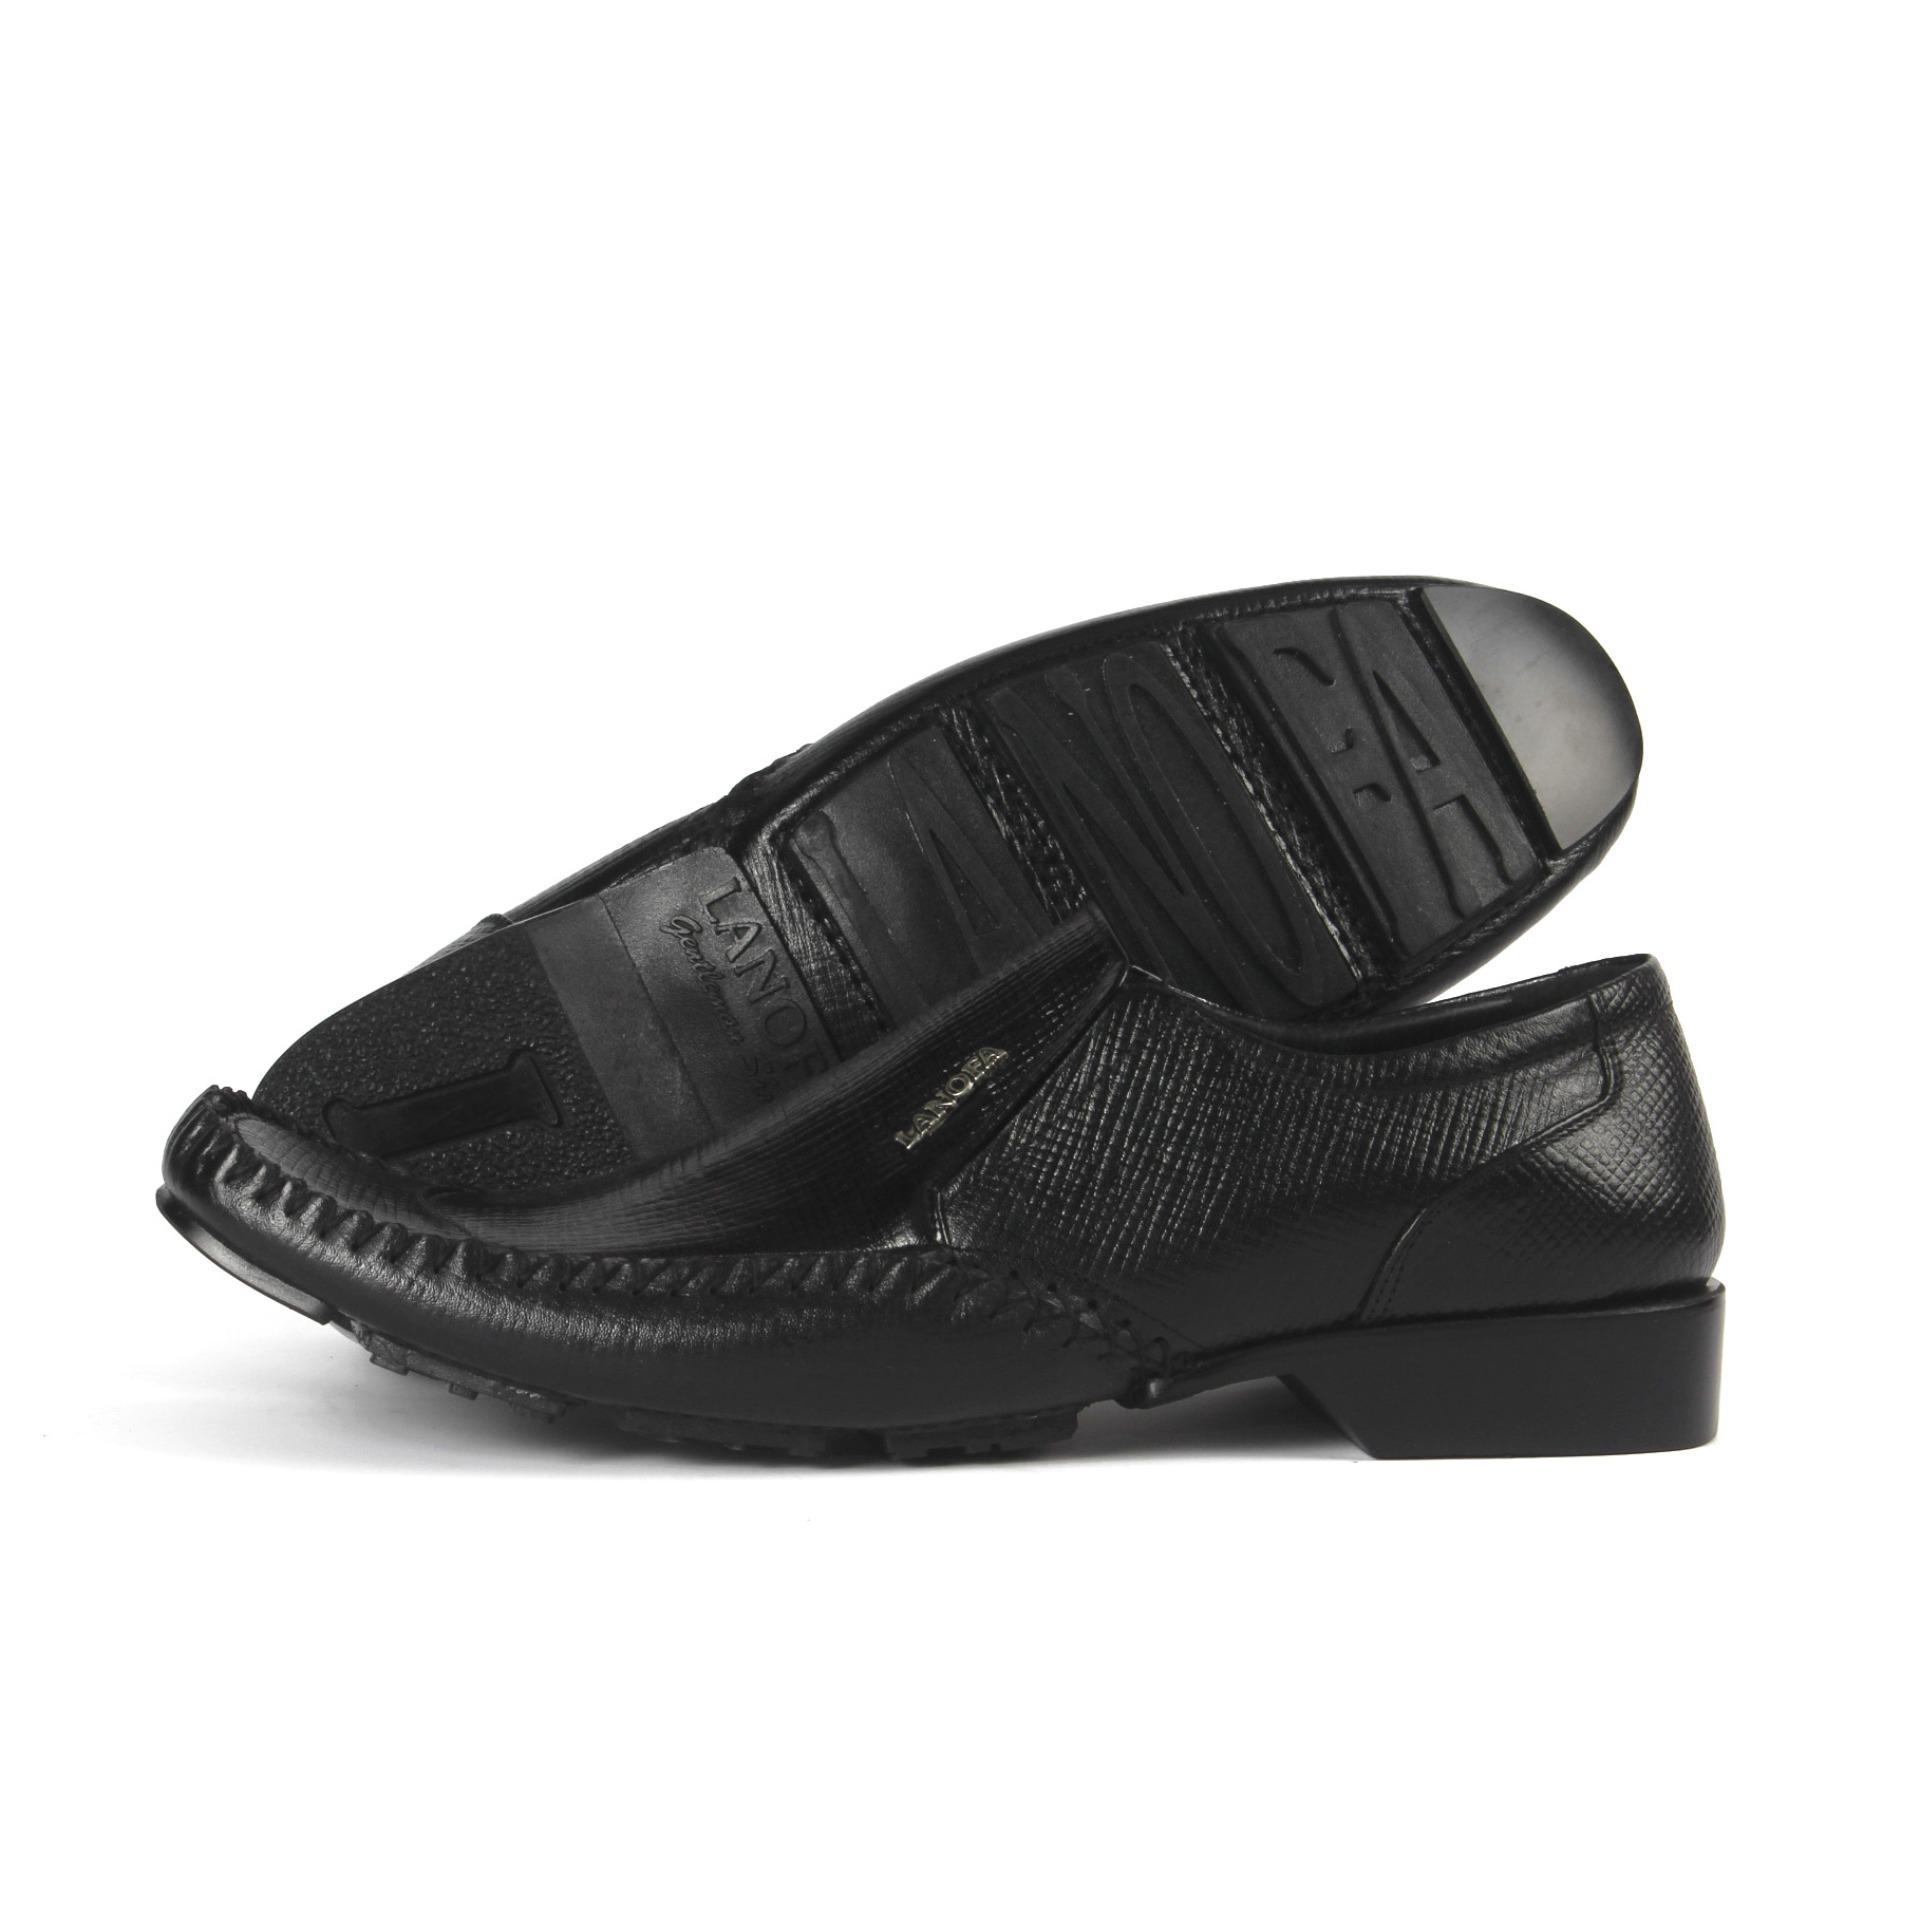 Sepatu Kulit Pria Formal Pantofel LANOFA 1157 Di Jakarta